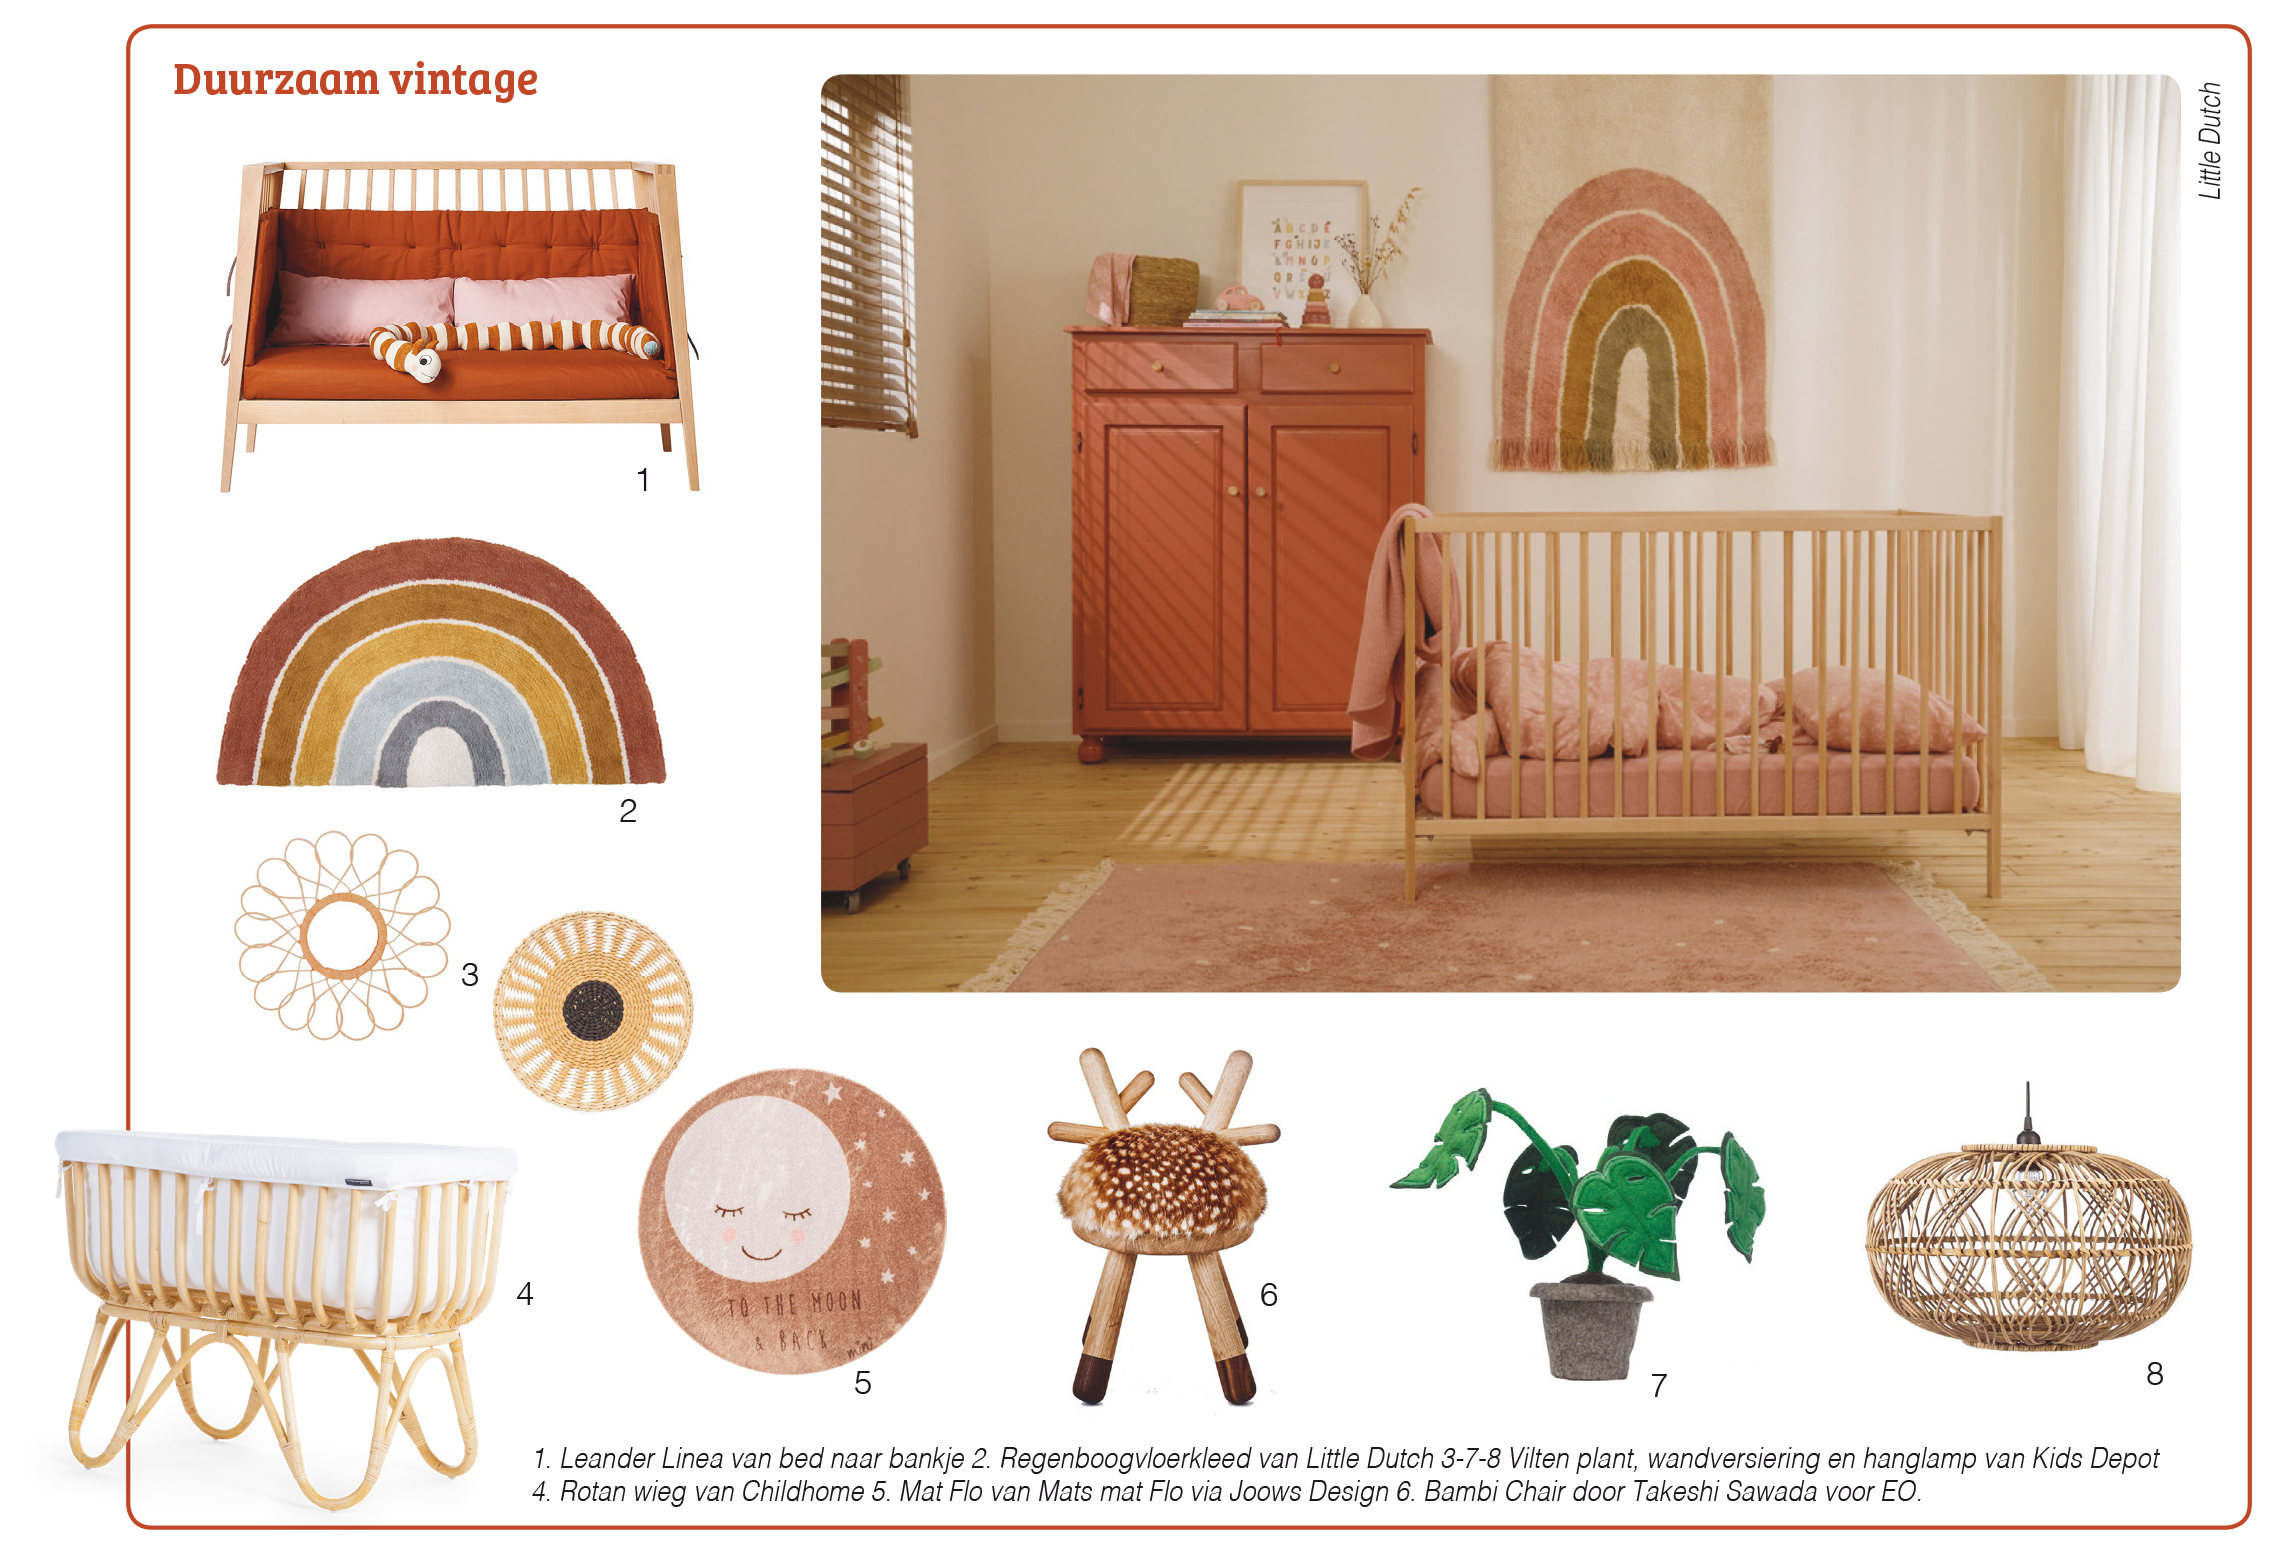 design trends babyroom 2021 vintage